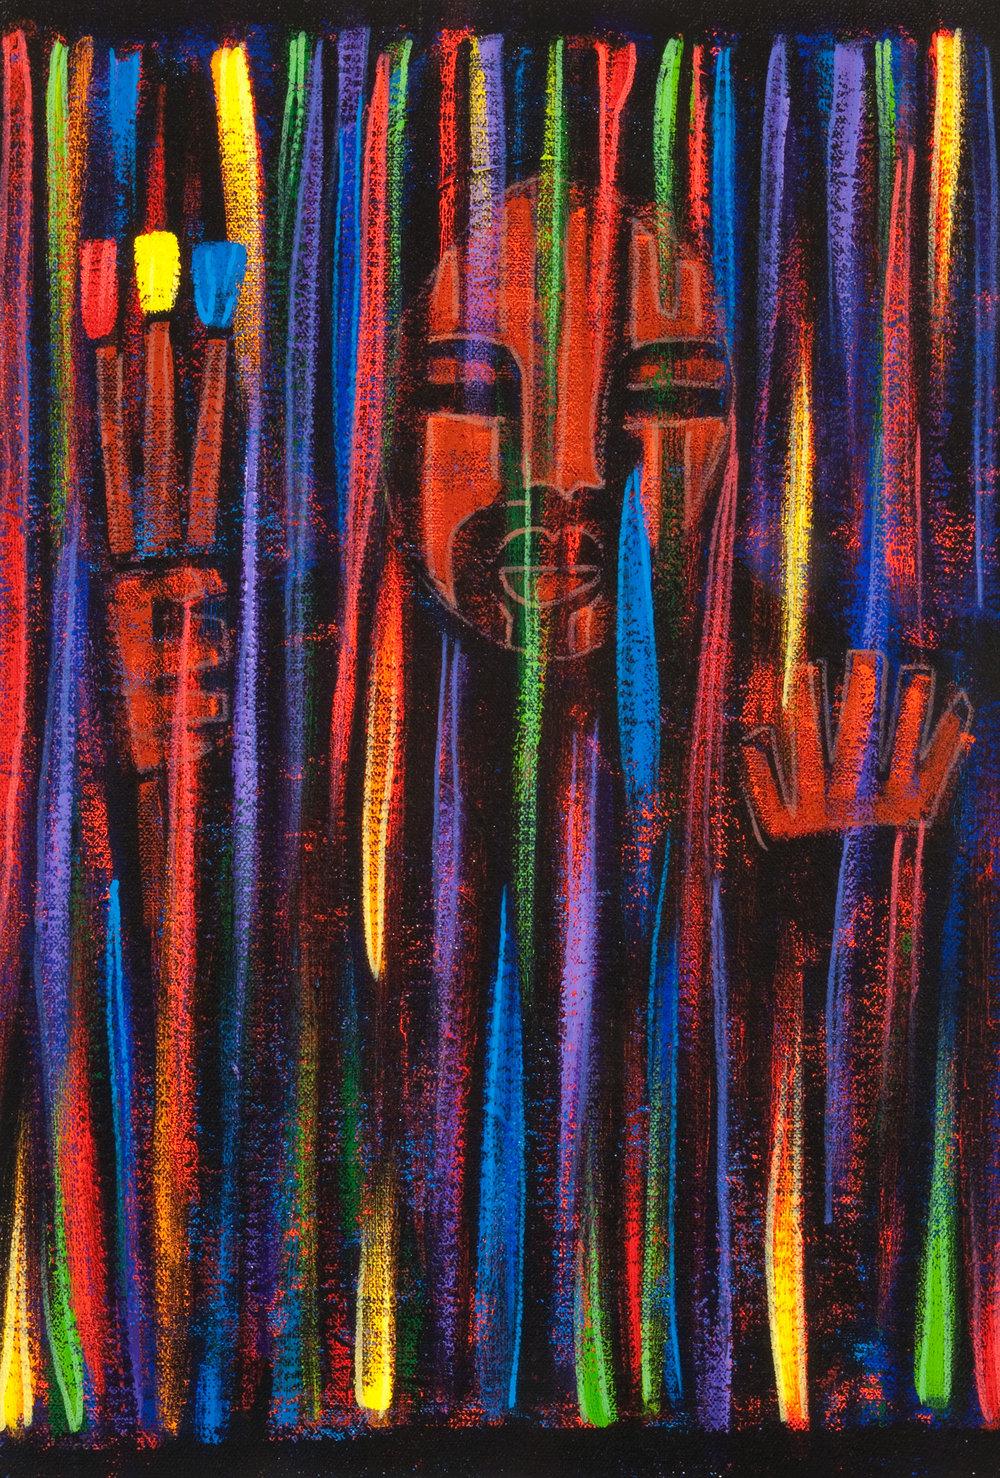 invisible, 2007, 12x18